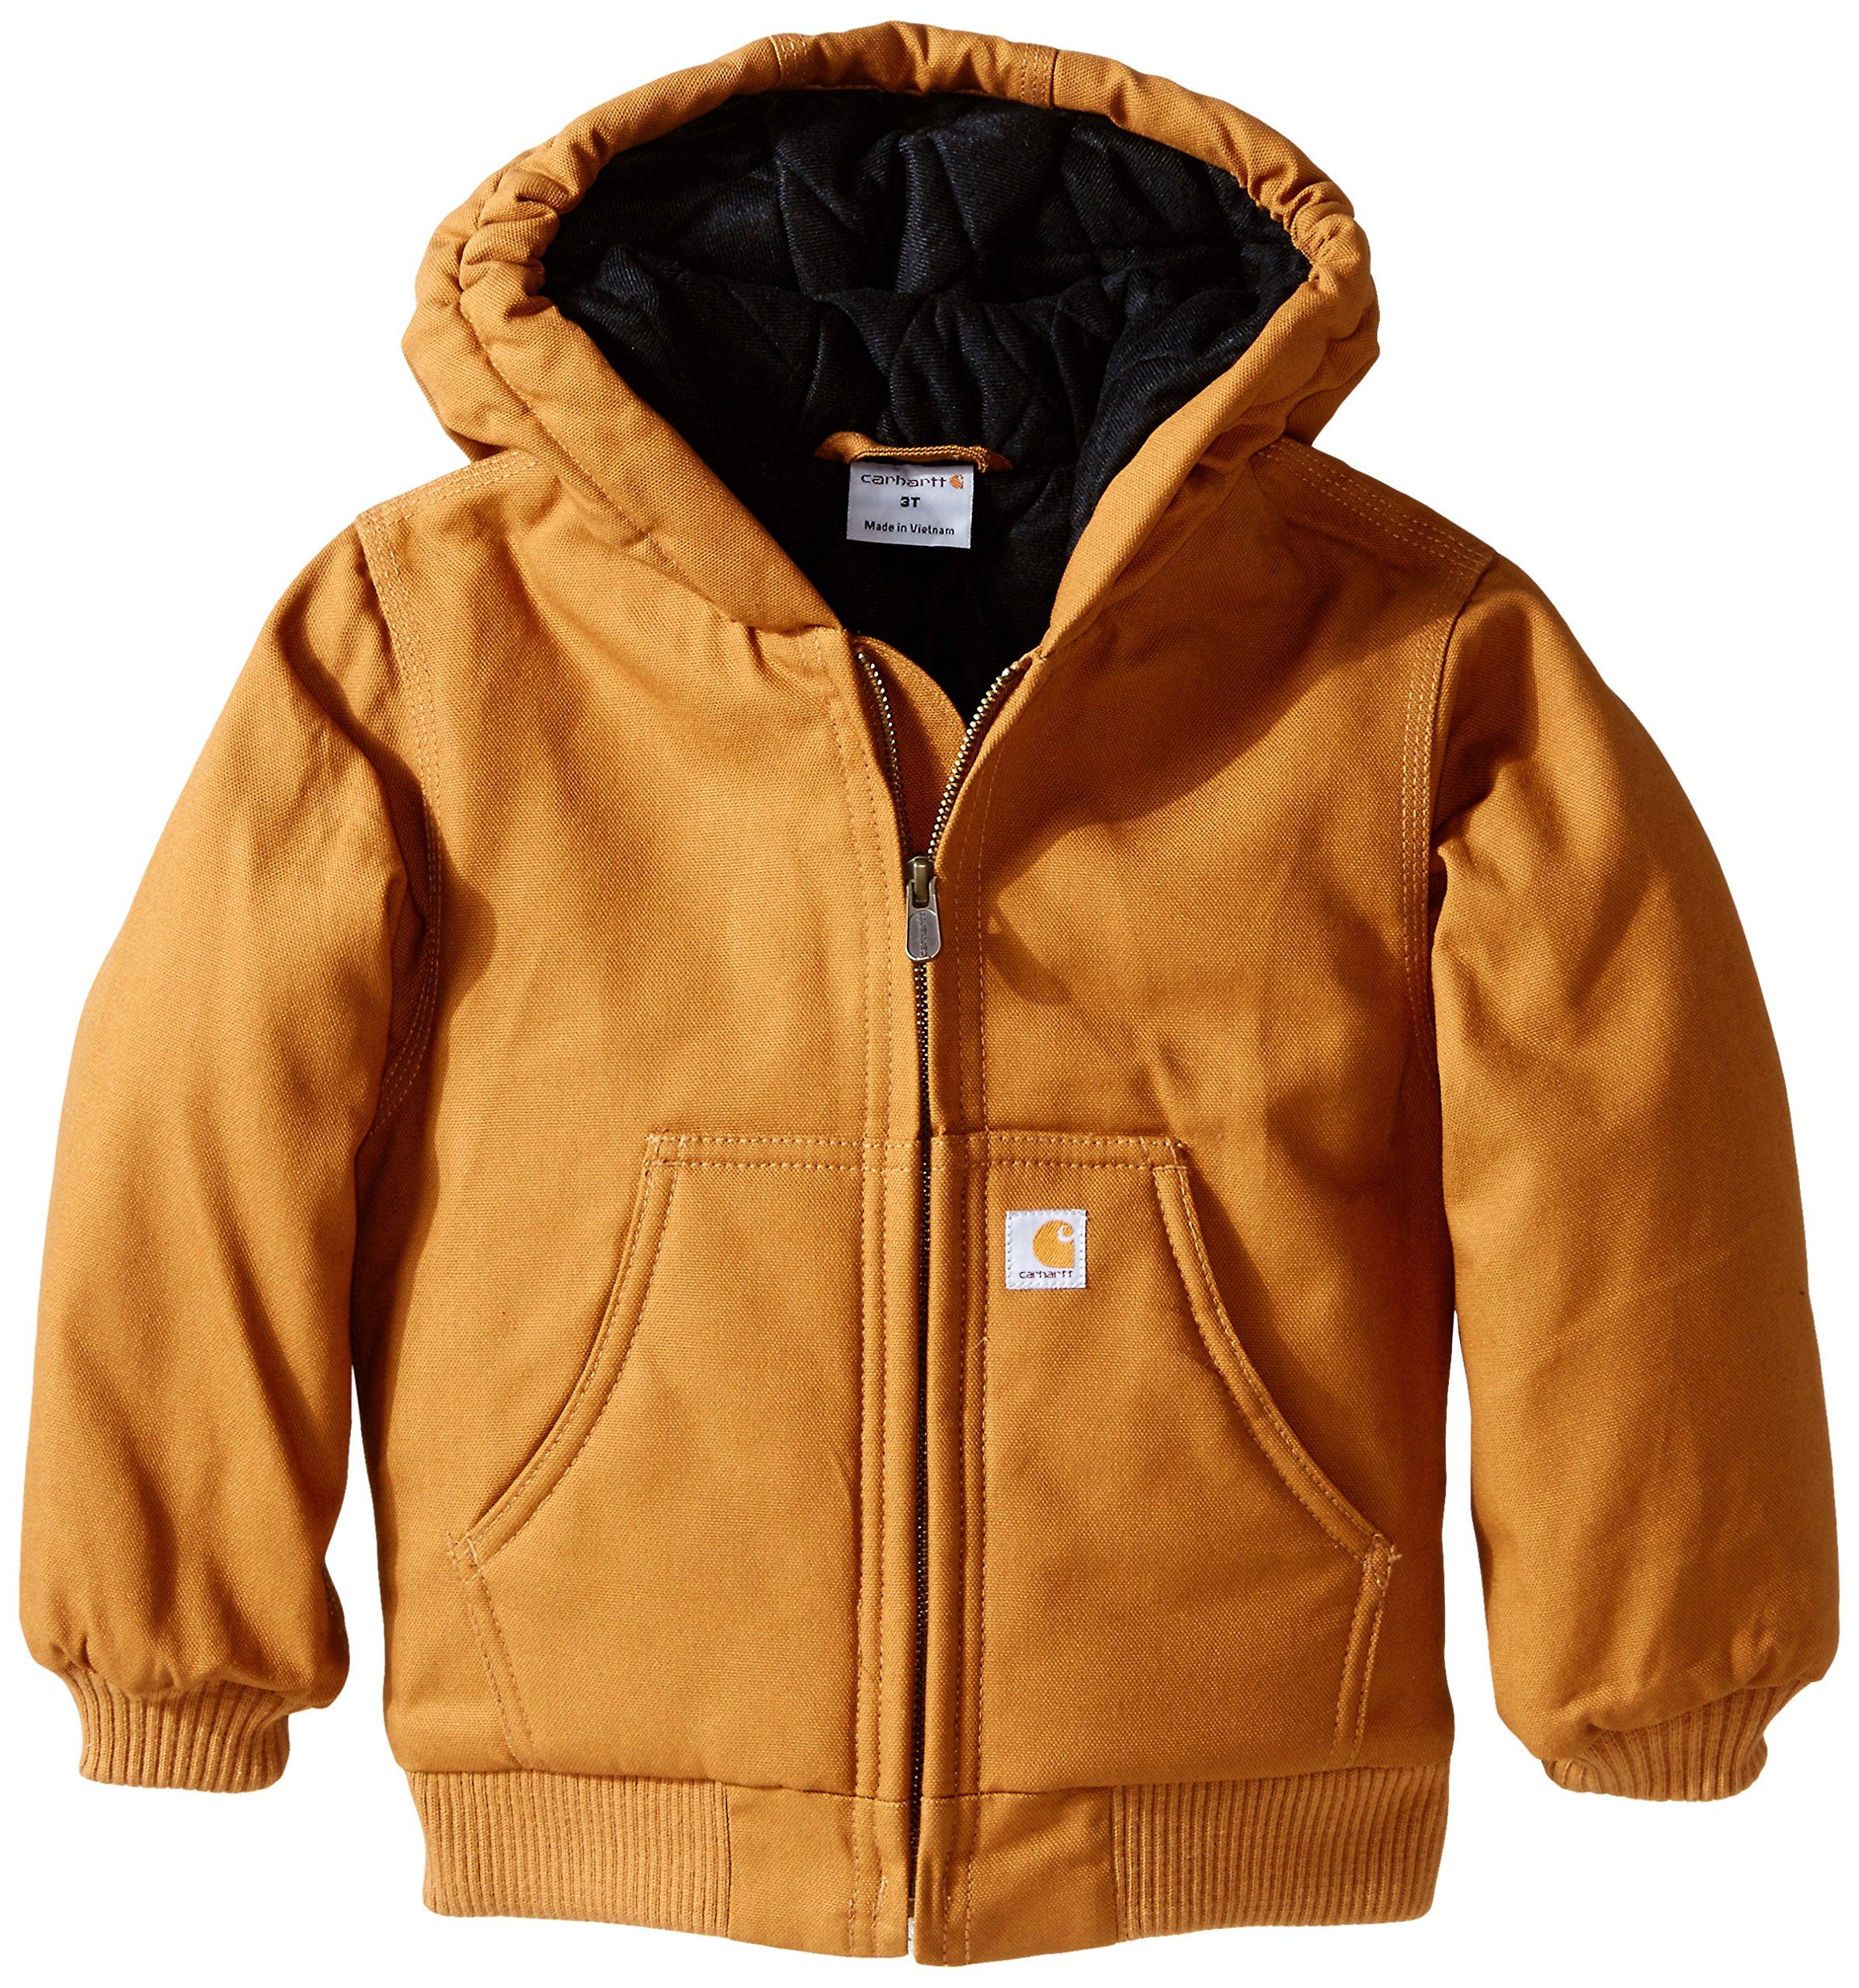 Carhartt Little Boys' Toddler Active Jacket, Carhartt Brown, 3T by Carhartt